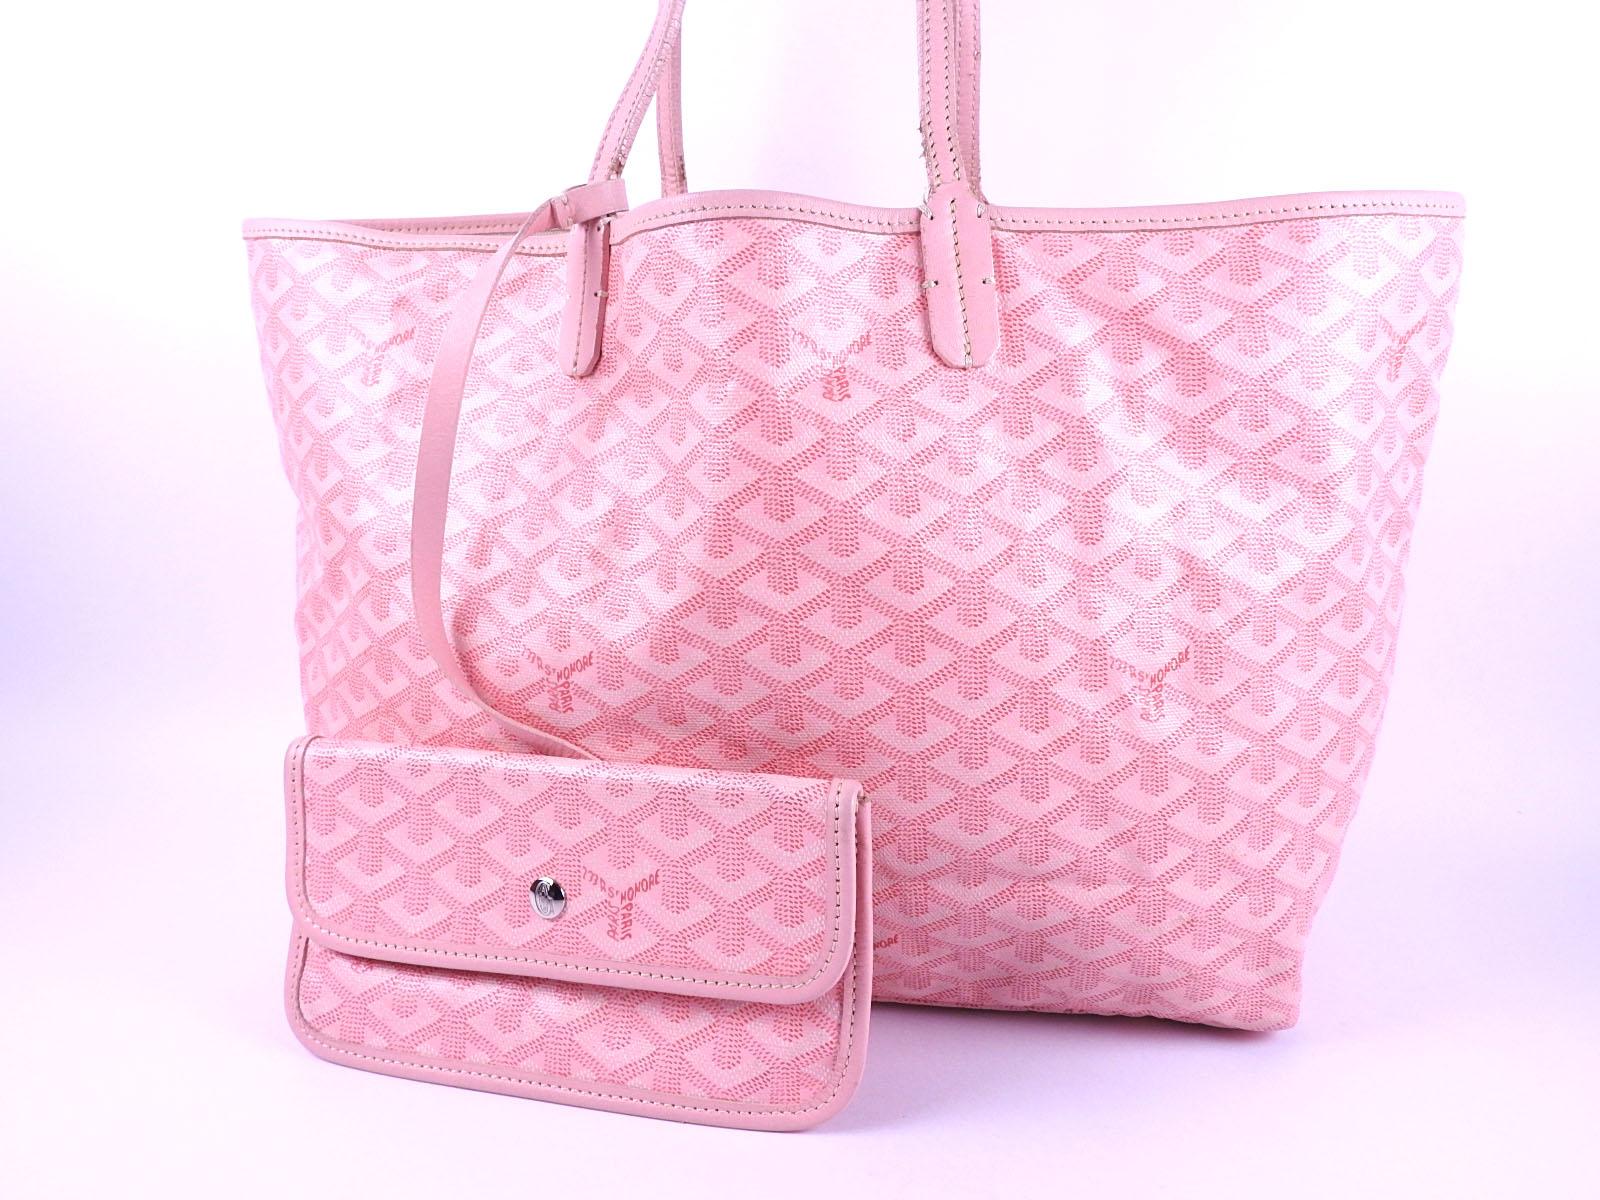 Auth GOYARD Saint Louis PM Shoulder Tote Bag PVC Canvas Leather Pink With  Pouch B-4593 a7e9abb6ef6